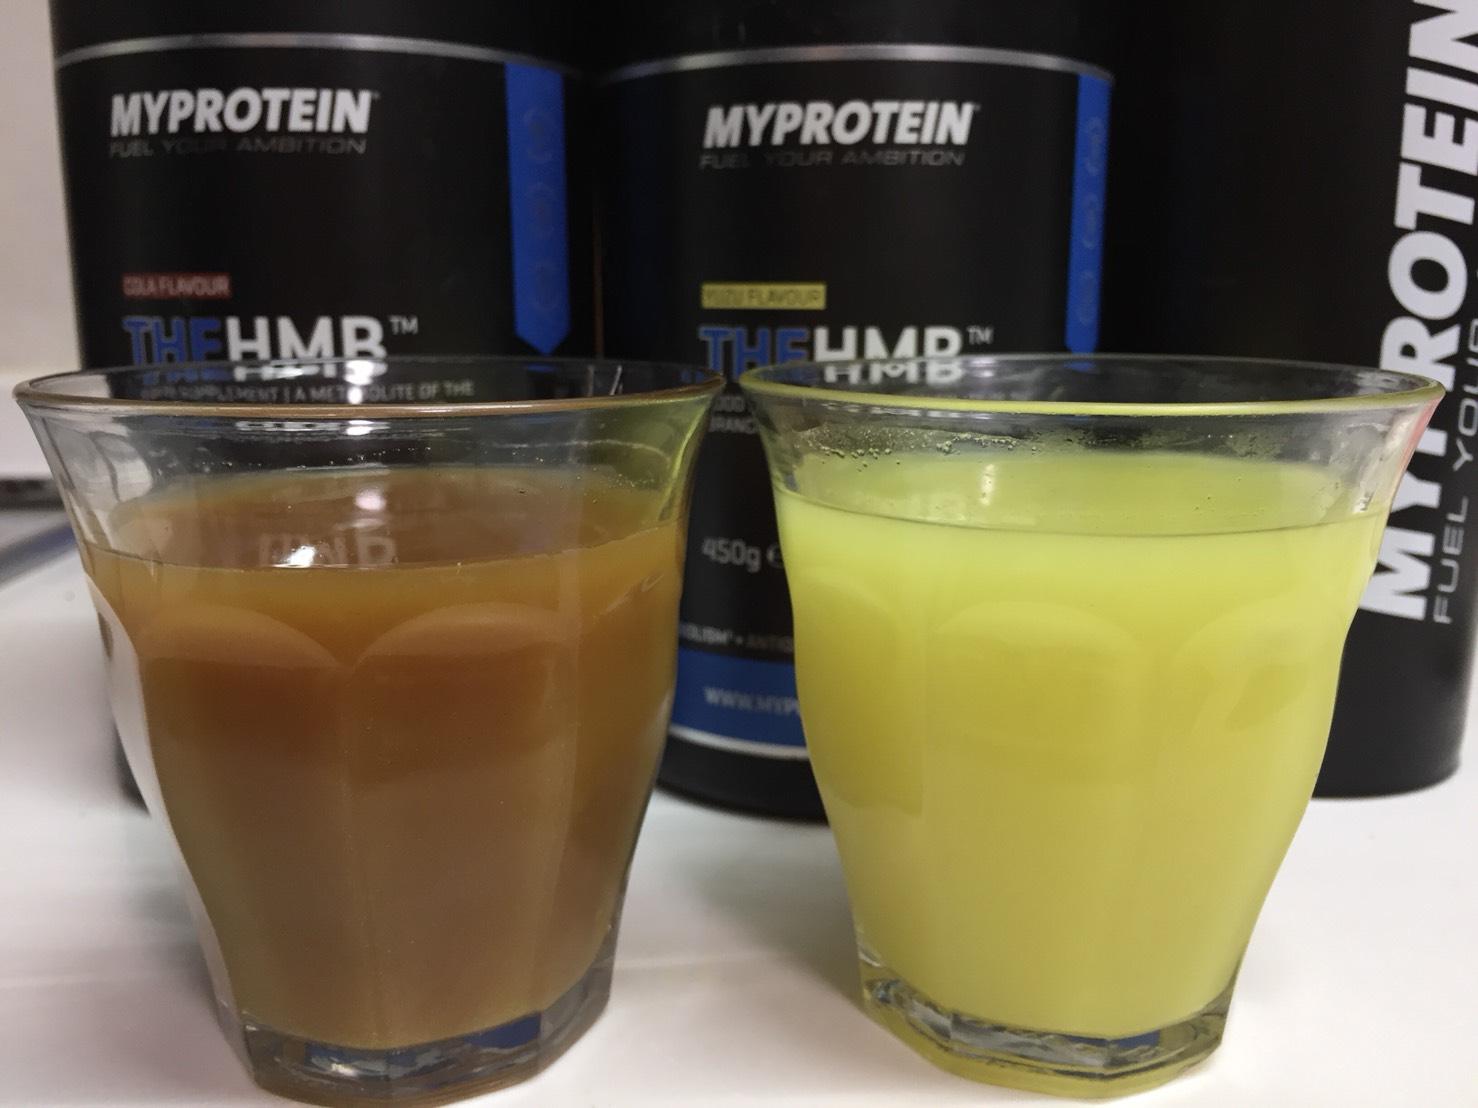 マイプロテインのTHE HMBをレビュー。ゆず味、コーラ味とも後味に激しい苦みが…不味いのでおすすめできない。